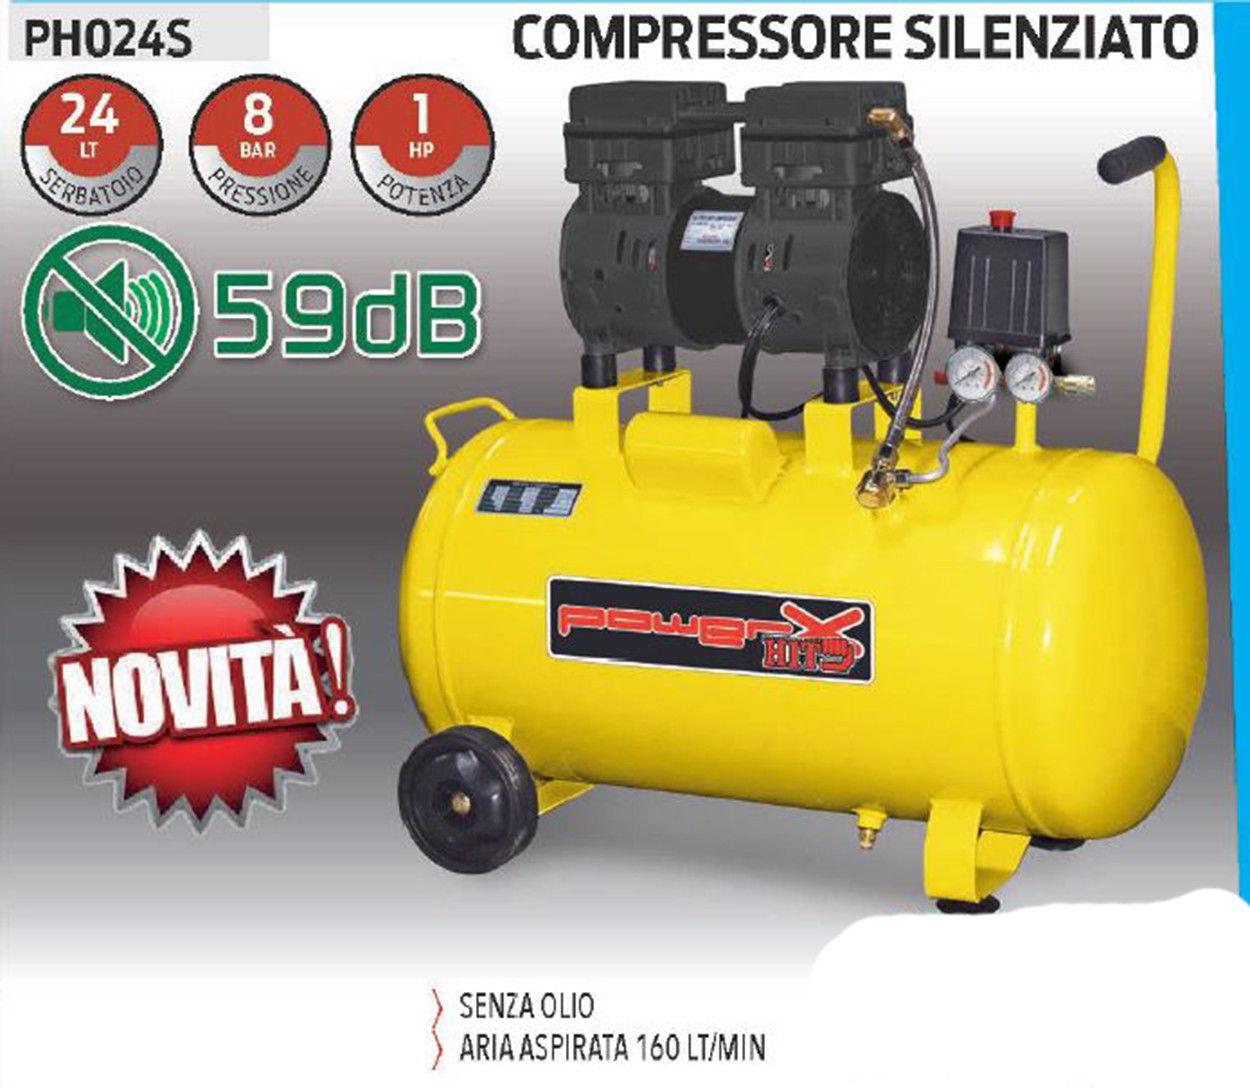 Powerx compressore silenziato 24lt senza olio 8 bar 1 hp